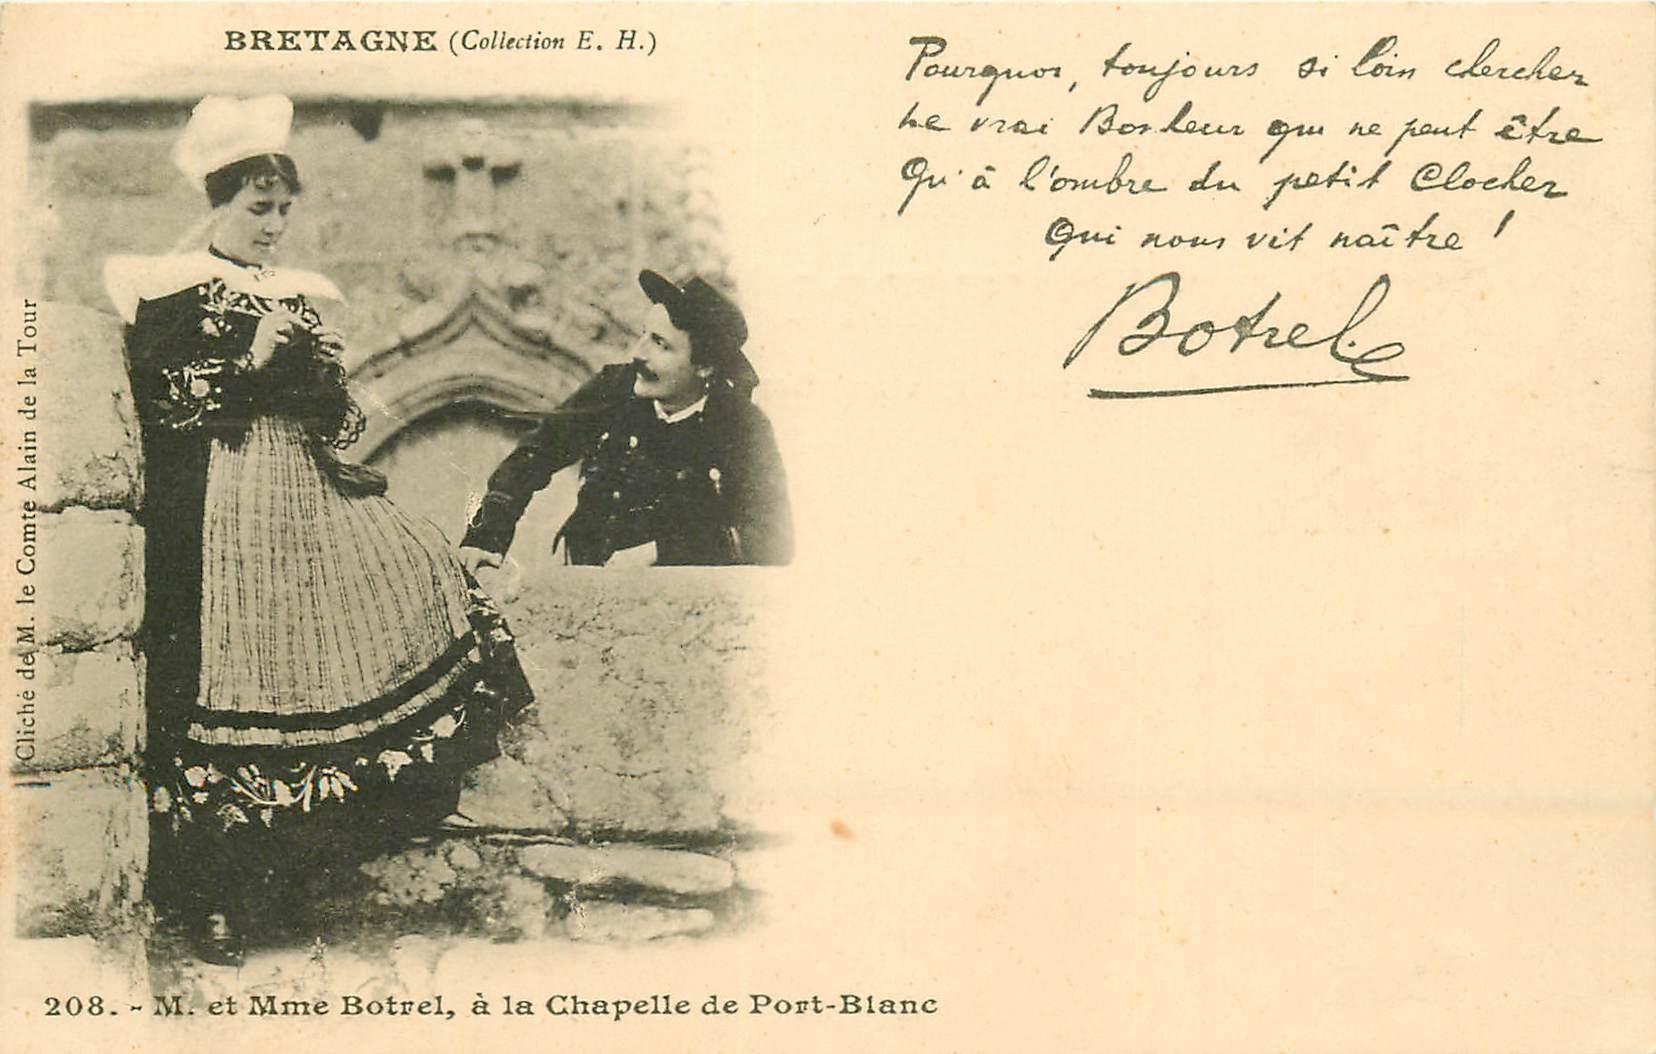 22 PORT-BLANC. M. et Mme Botrel à la Chapelle vers 1900